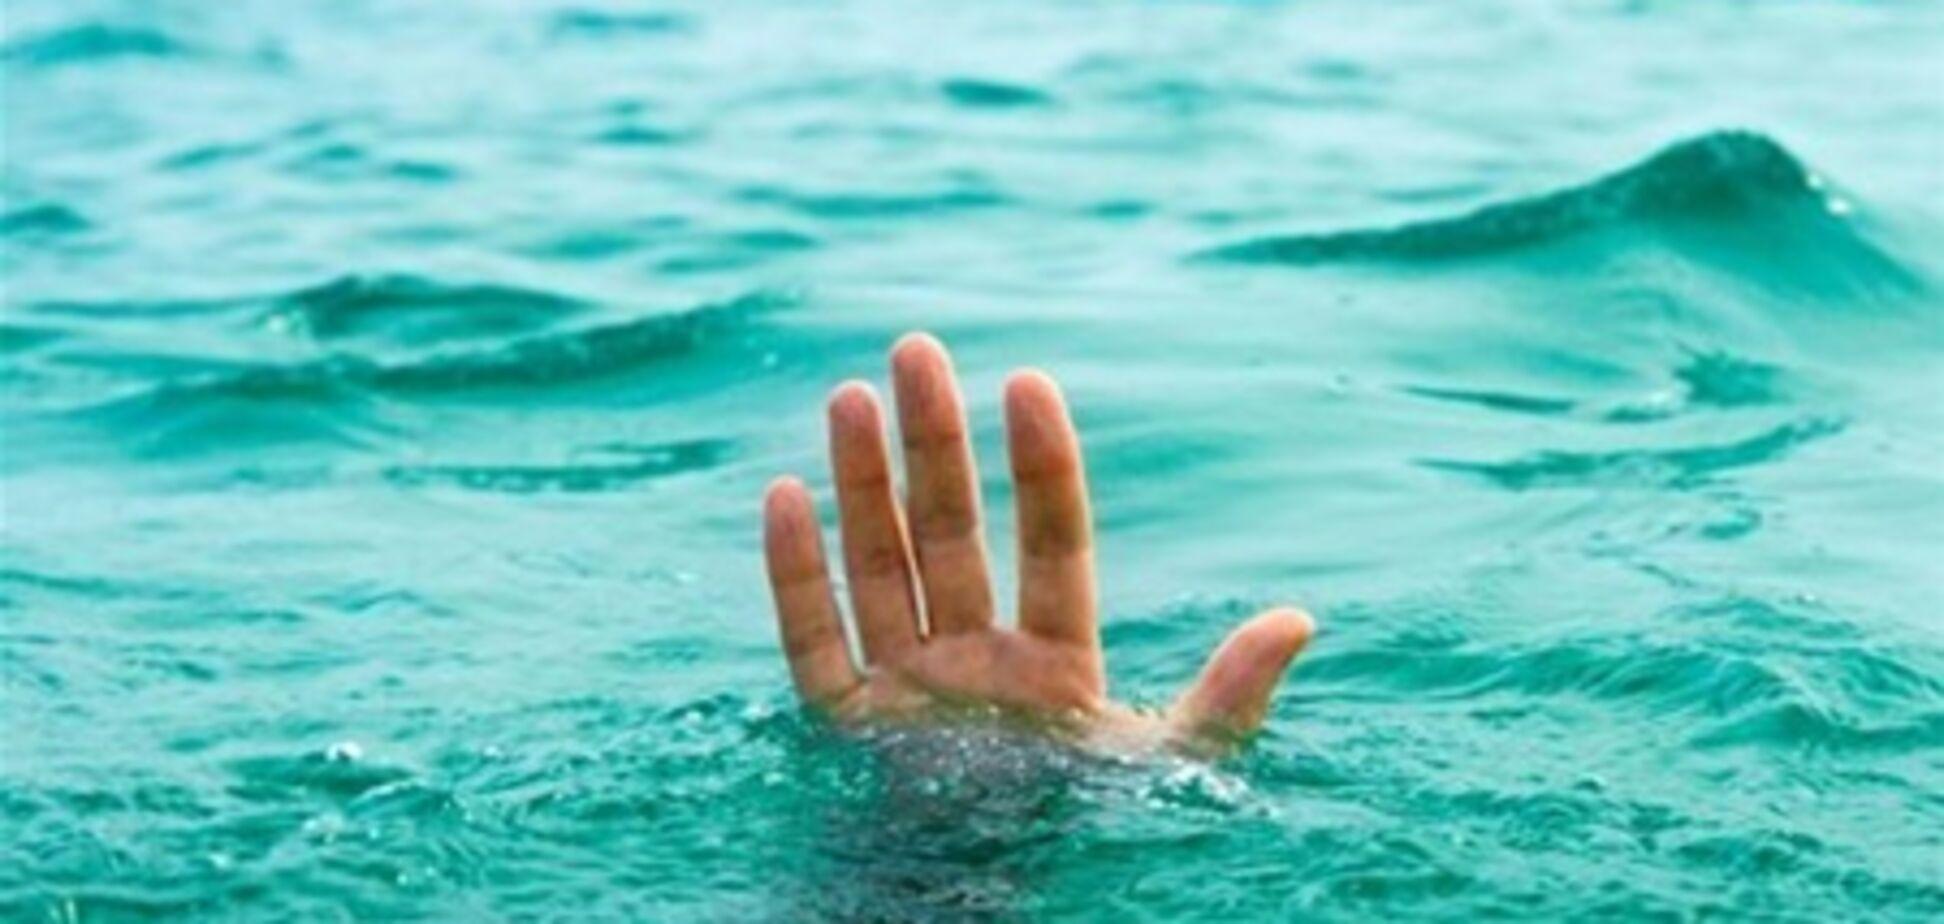 У басейні Коктебеля потонув 24-річний росіянин, який навчався плавати